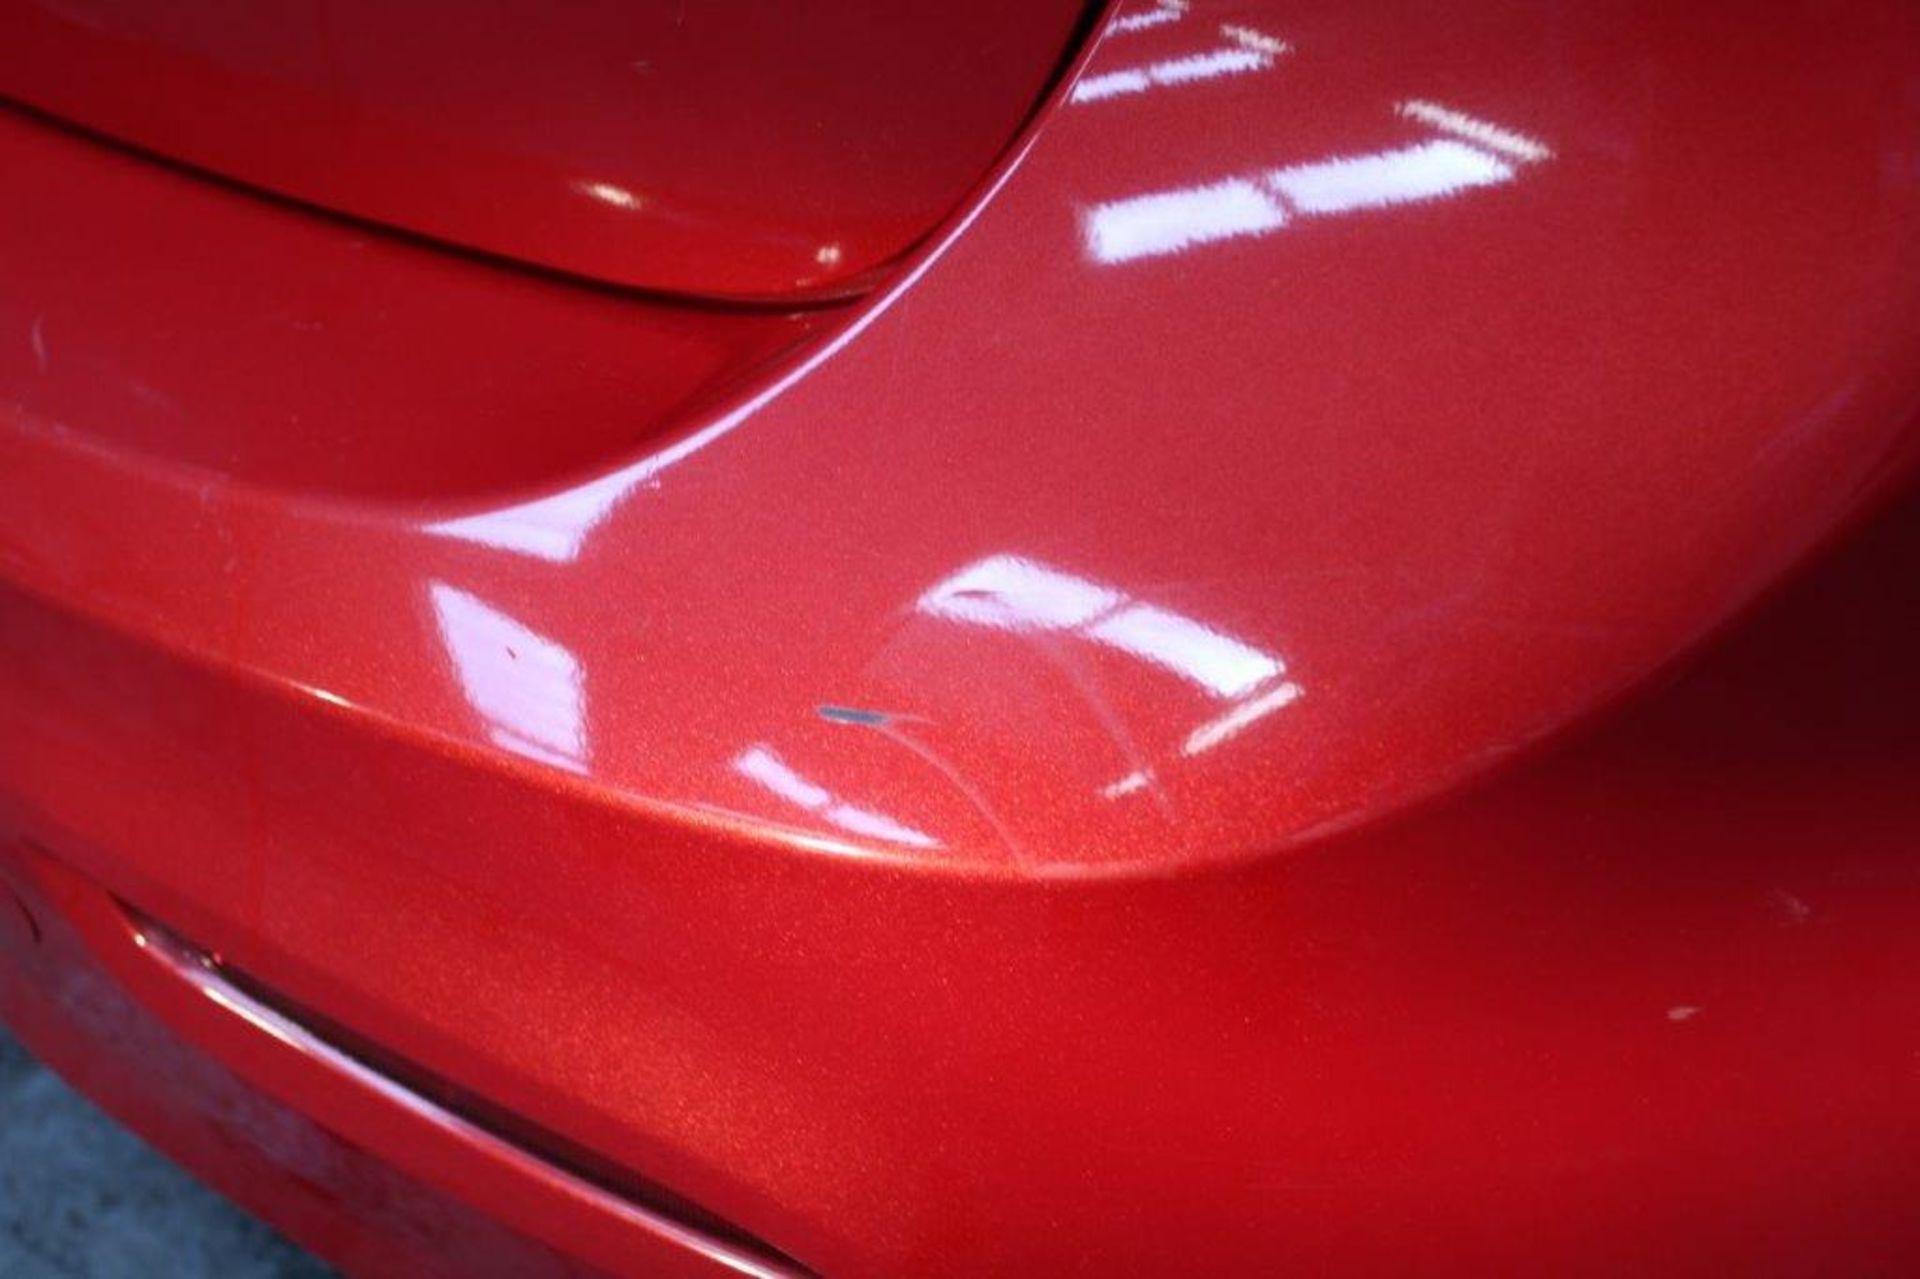 60 11 Mazda 3 Sport - Image 13 of 26